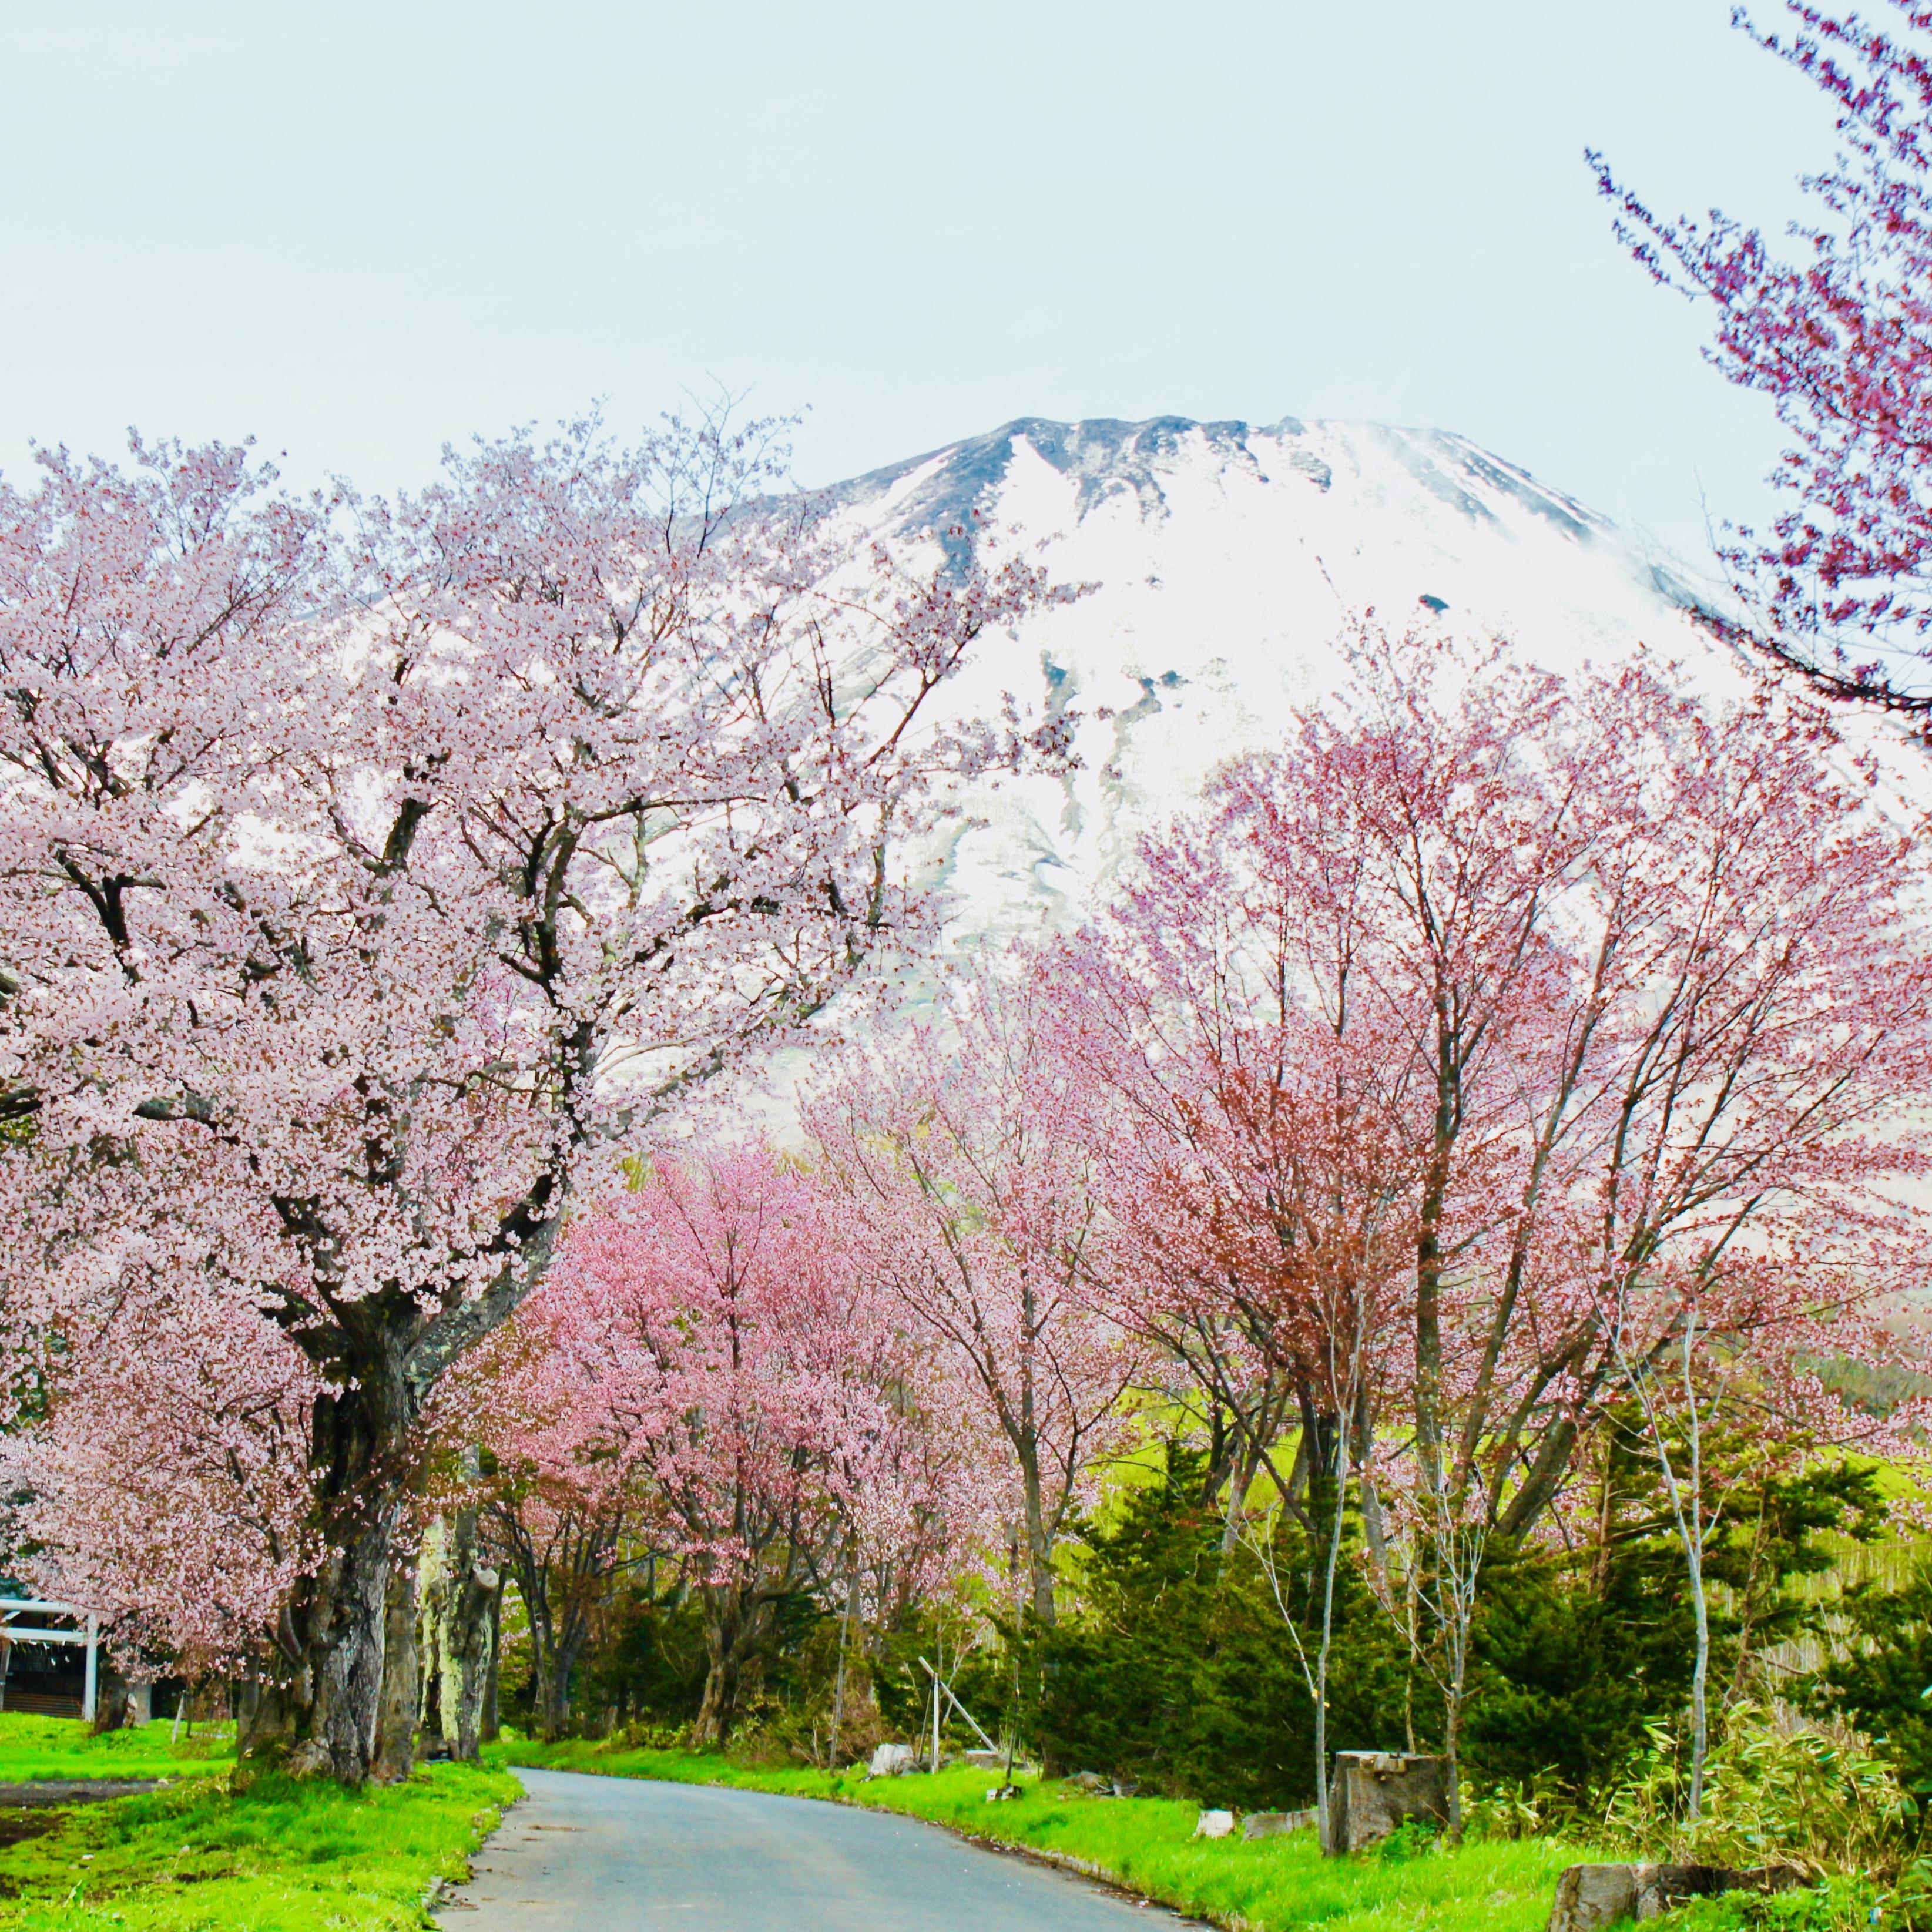 5月にお花見⁉︎ 桜と一緒に楽しむゴールデンウィークのニセコ&真狩!